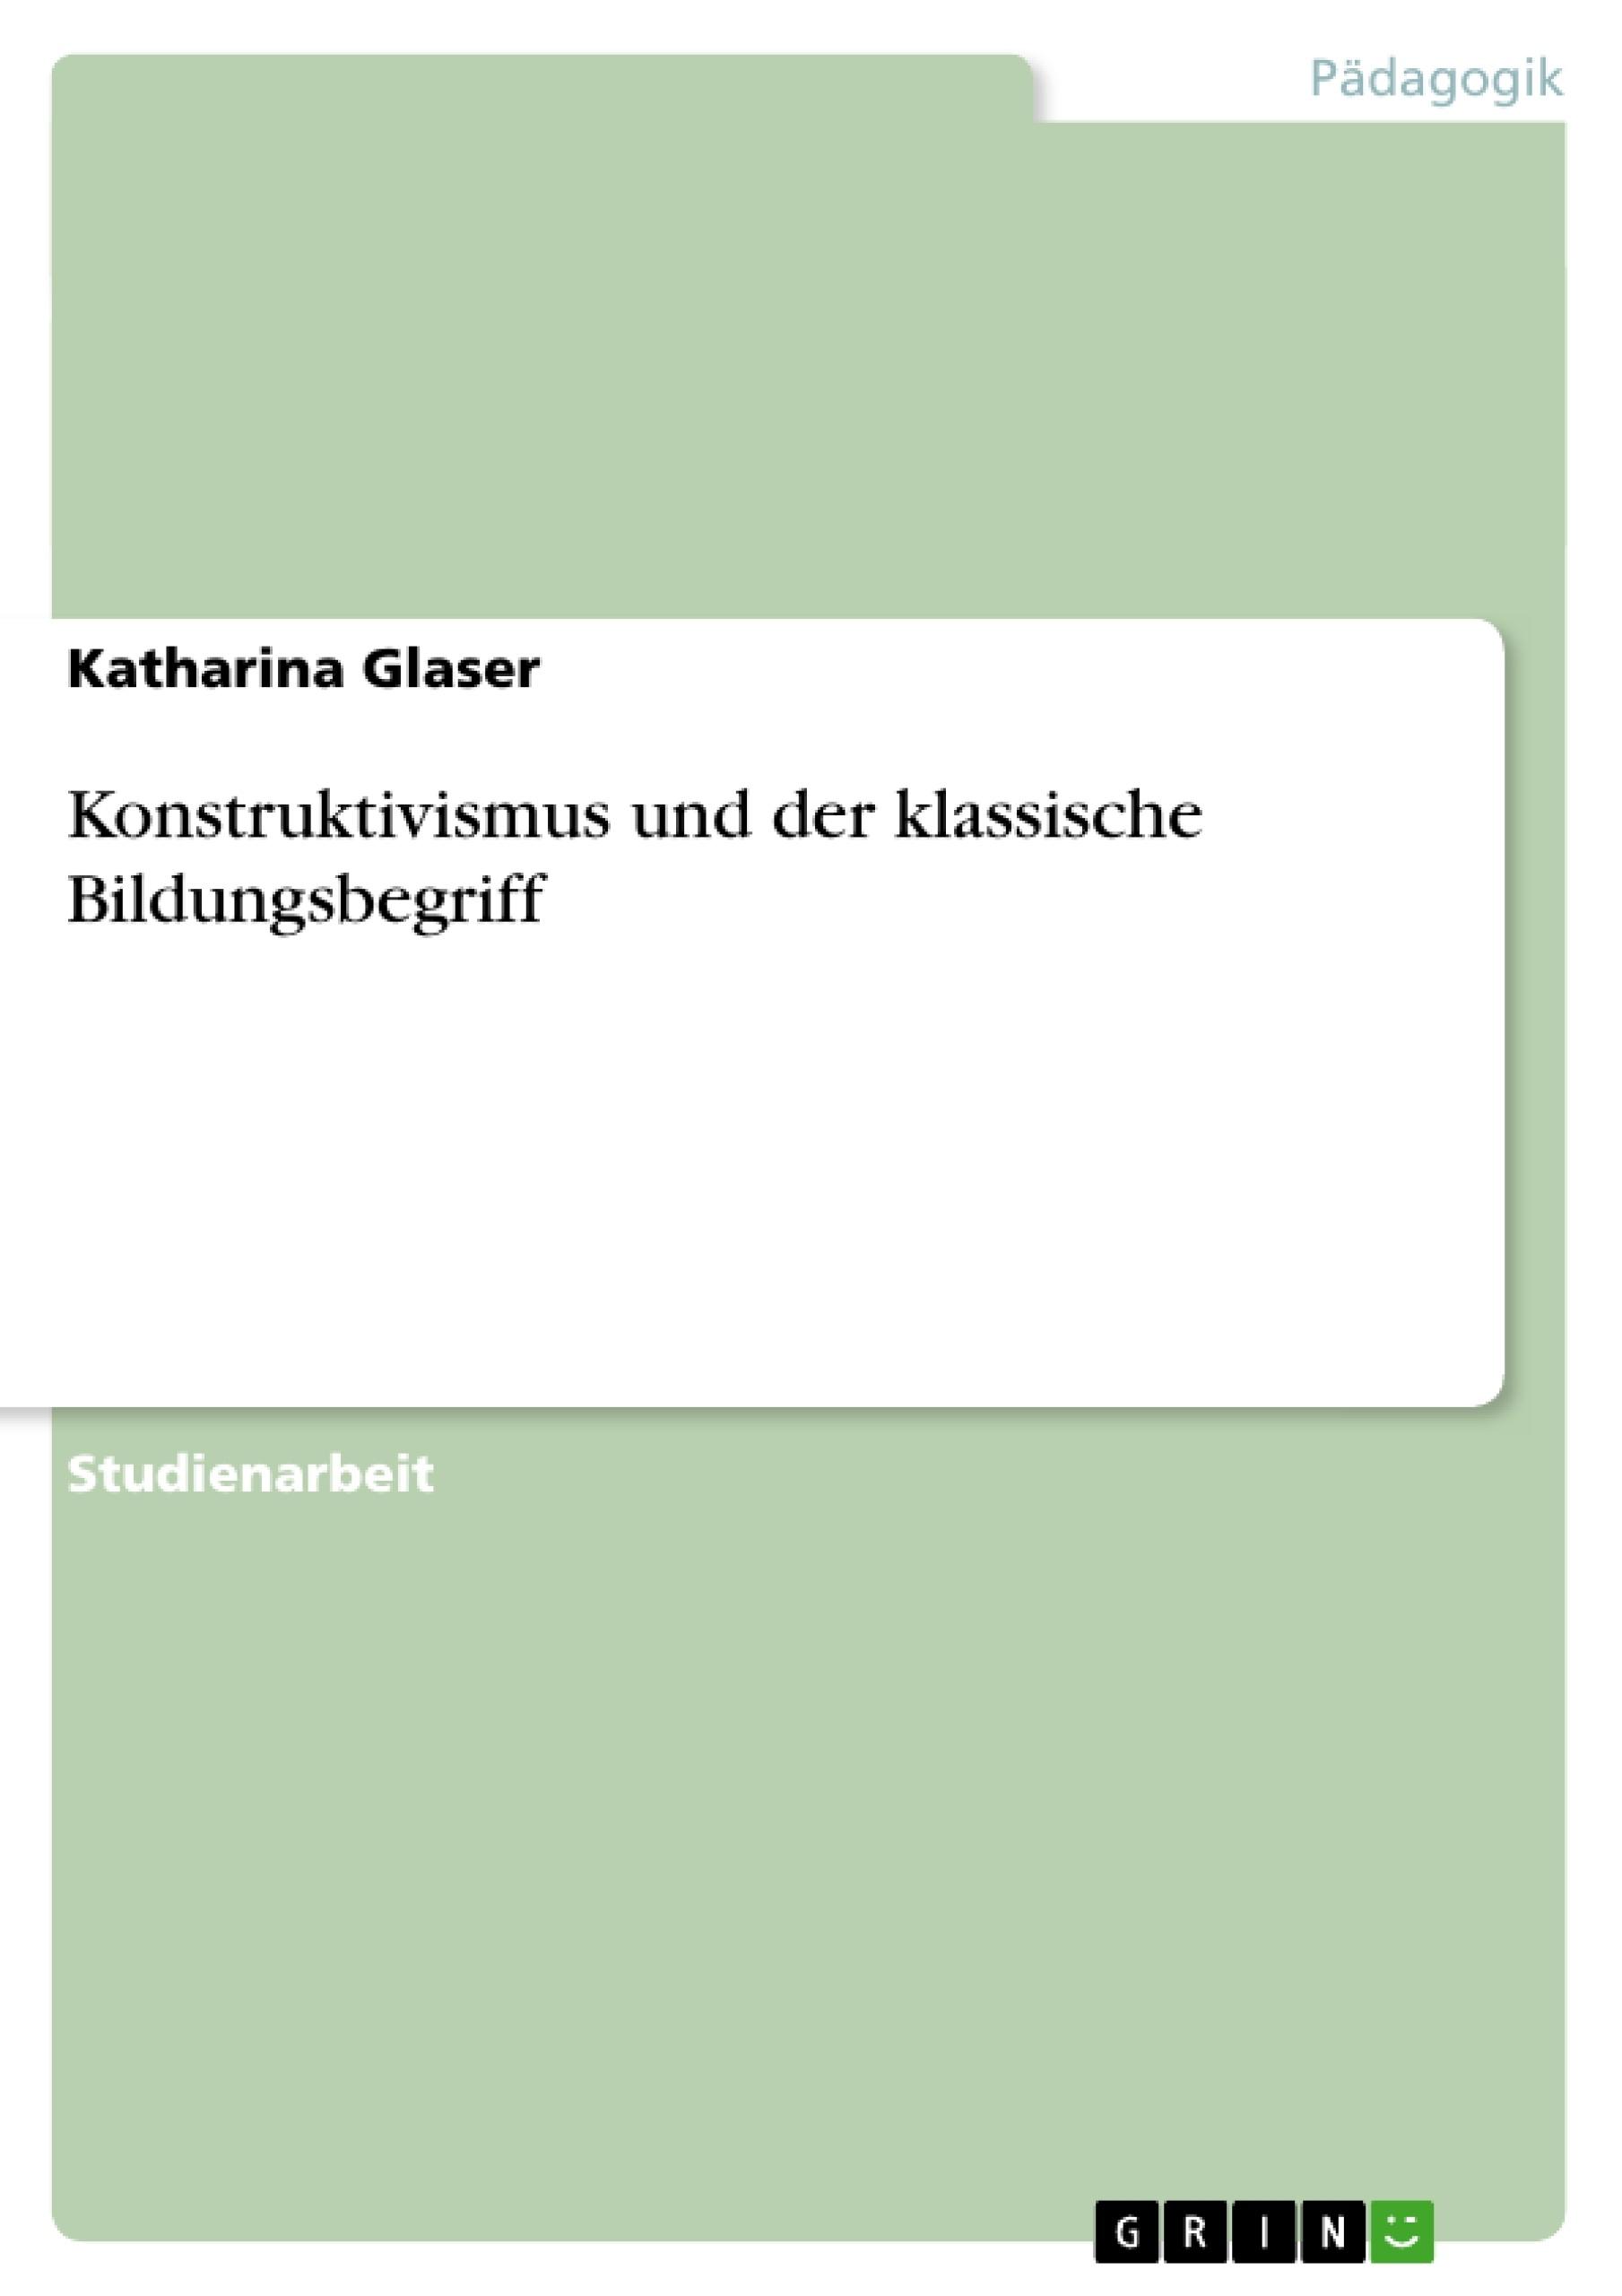 Titel: Konstruktivismus und der klassische Bildungsbegriff